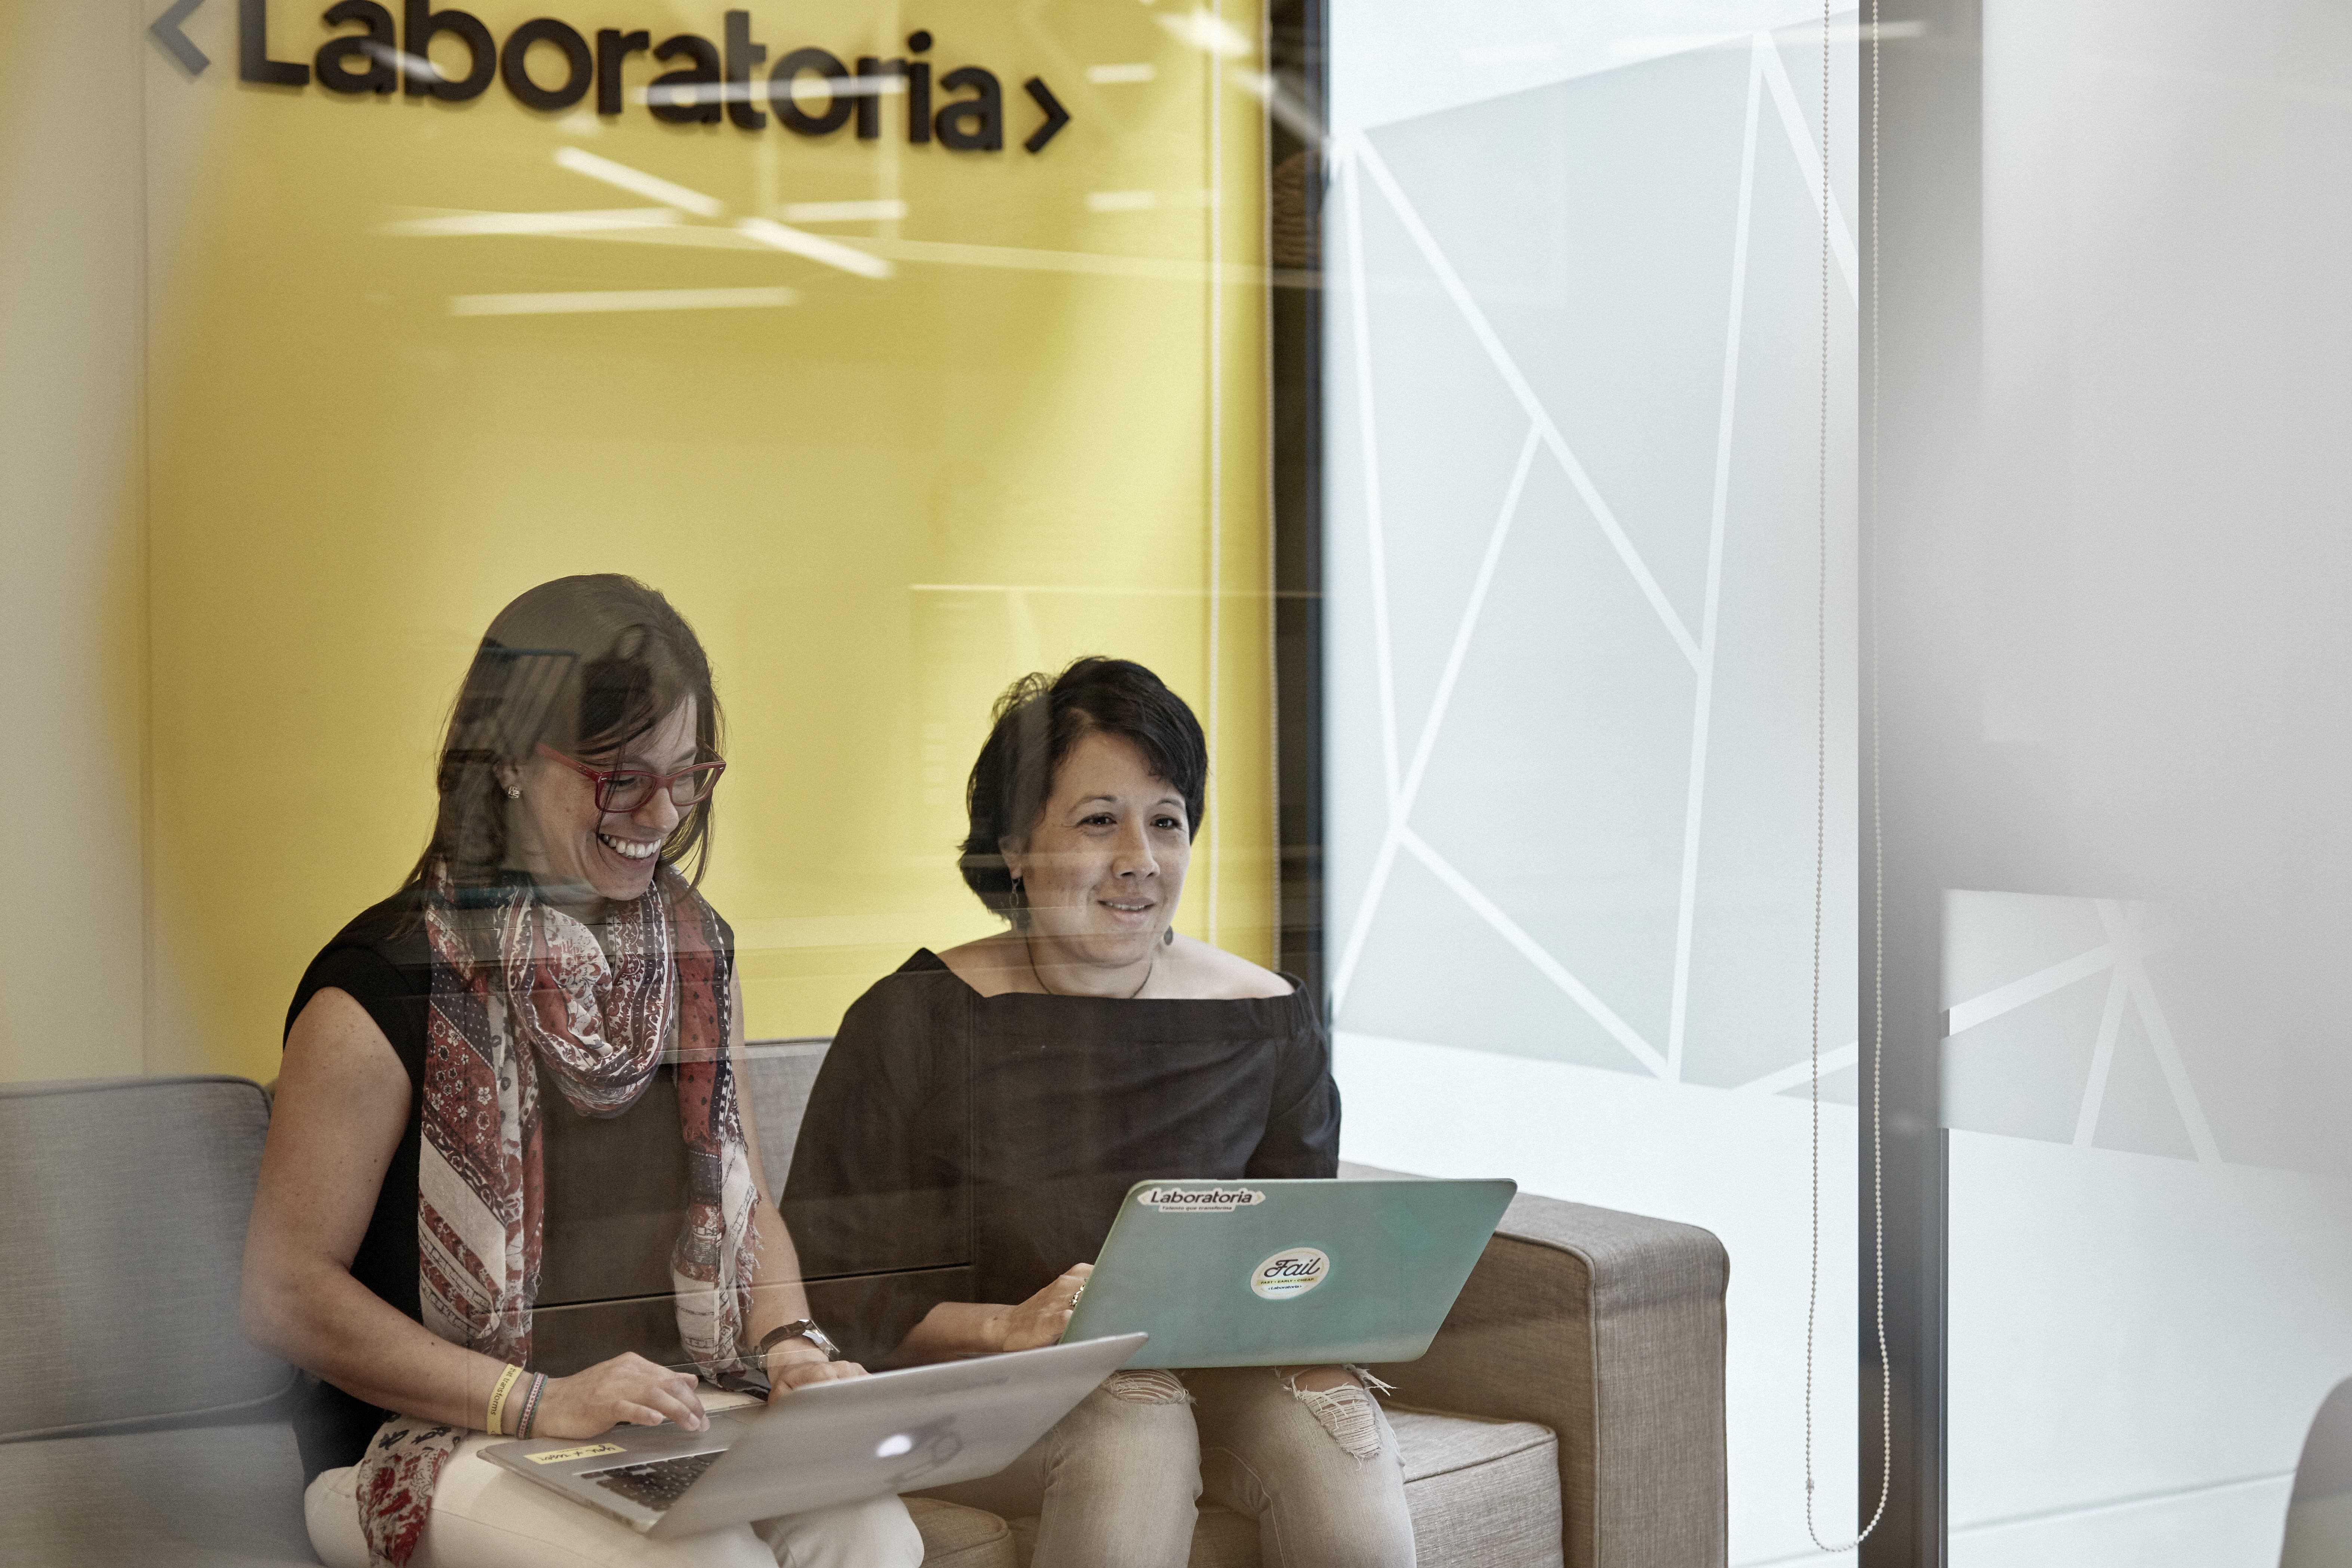 dos mujeres de laboratoria conversando en una oficina